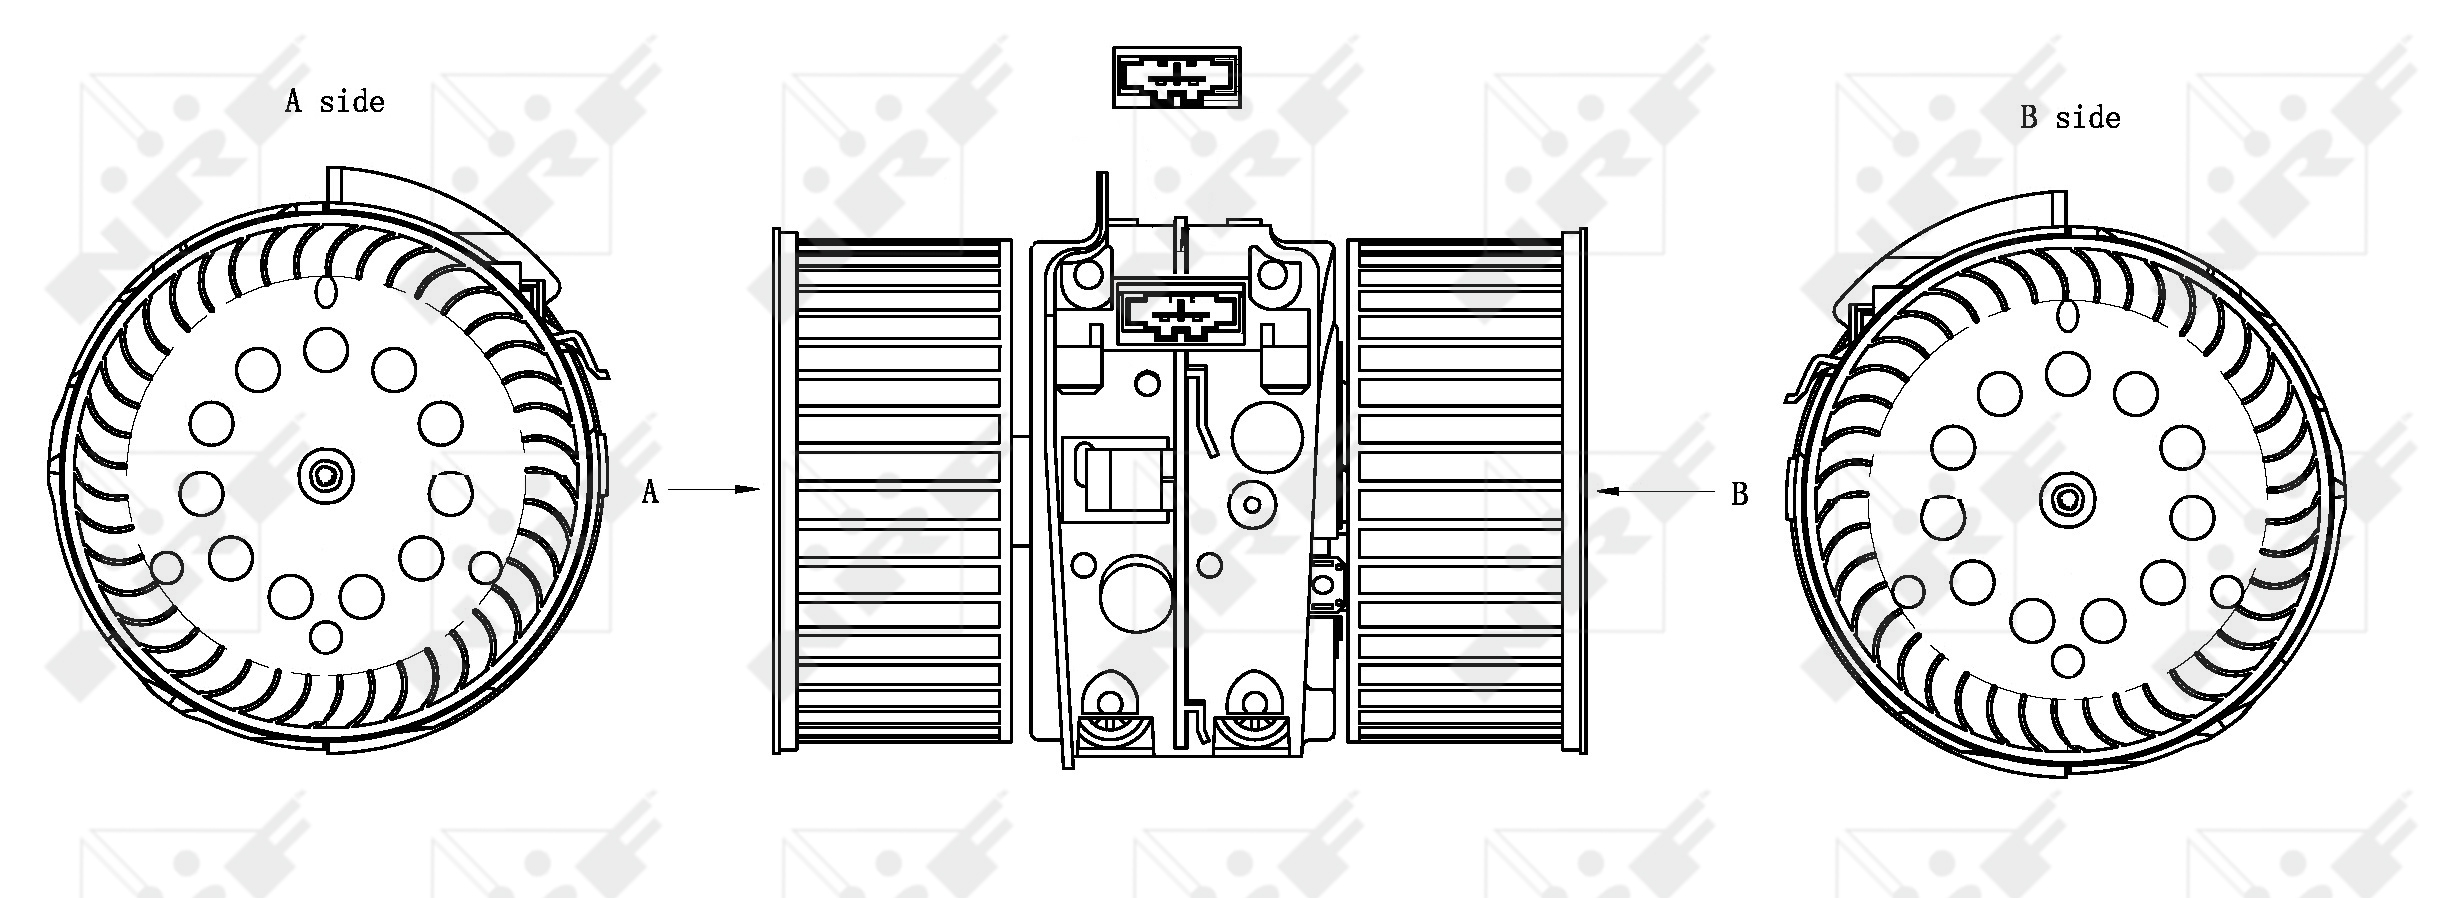 34161 Renault Megane 15d 200811 201508 Engine Cooling Diagram